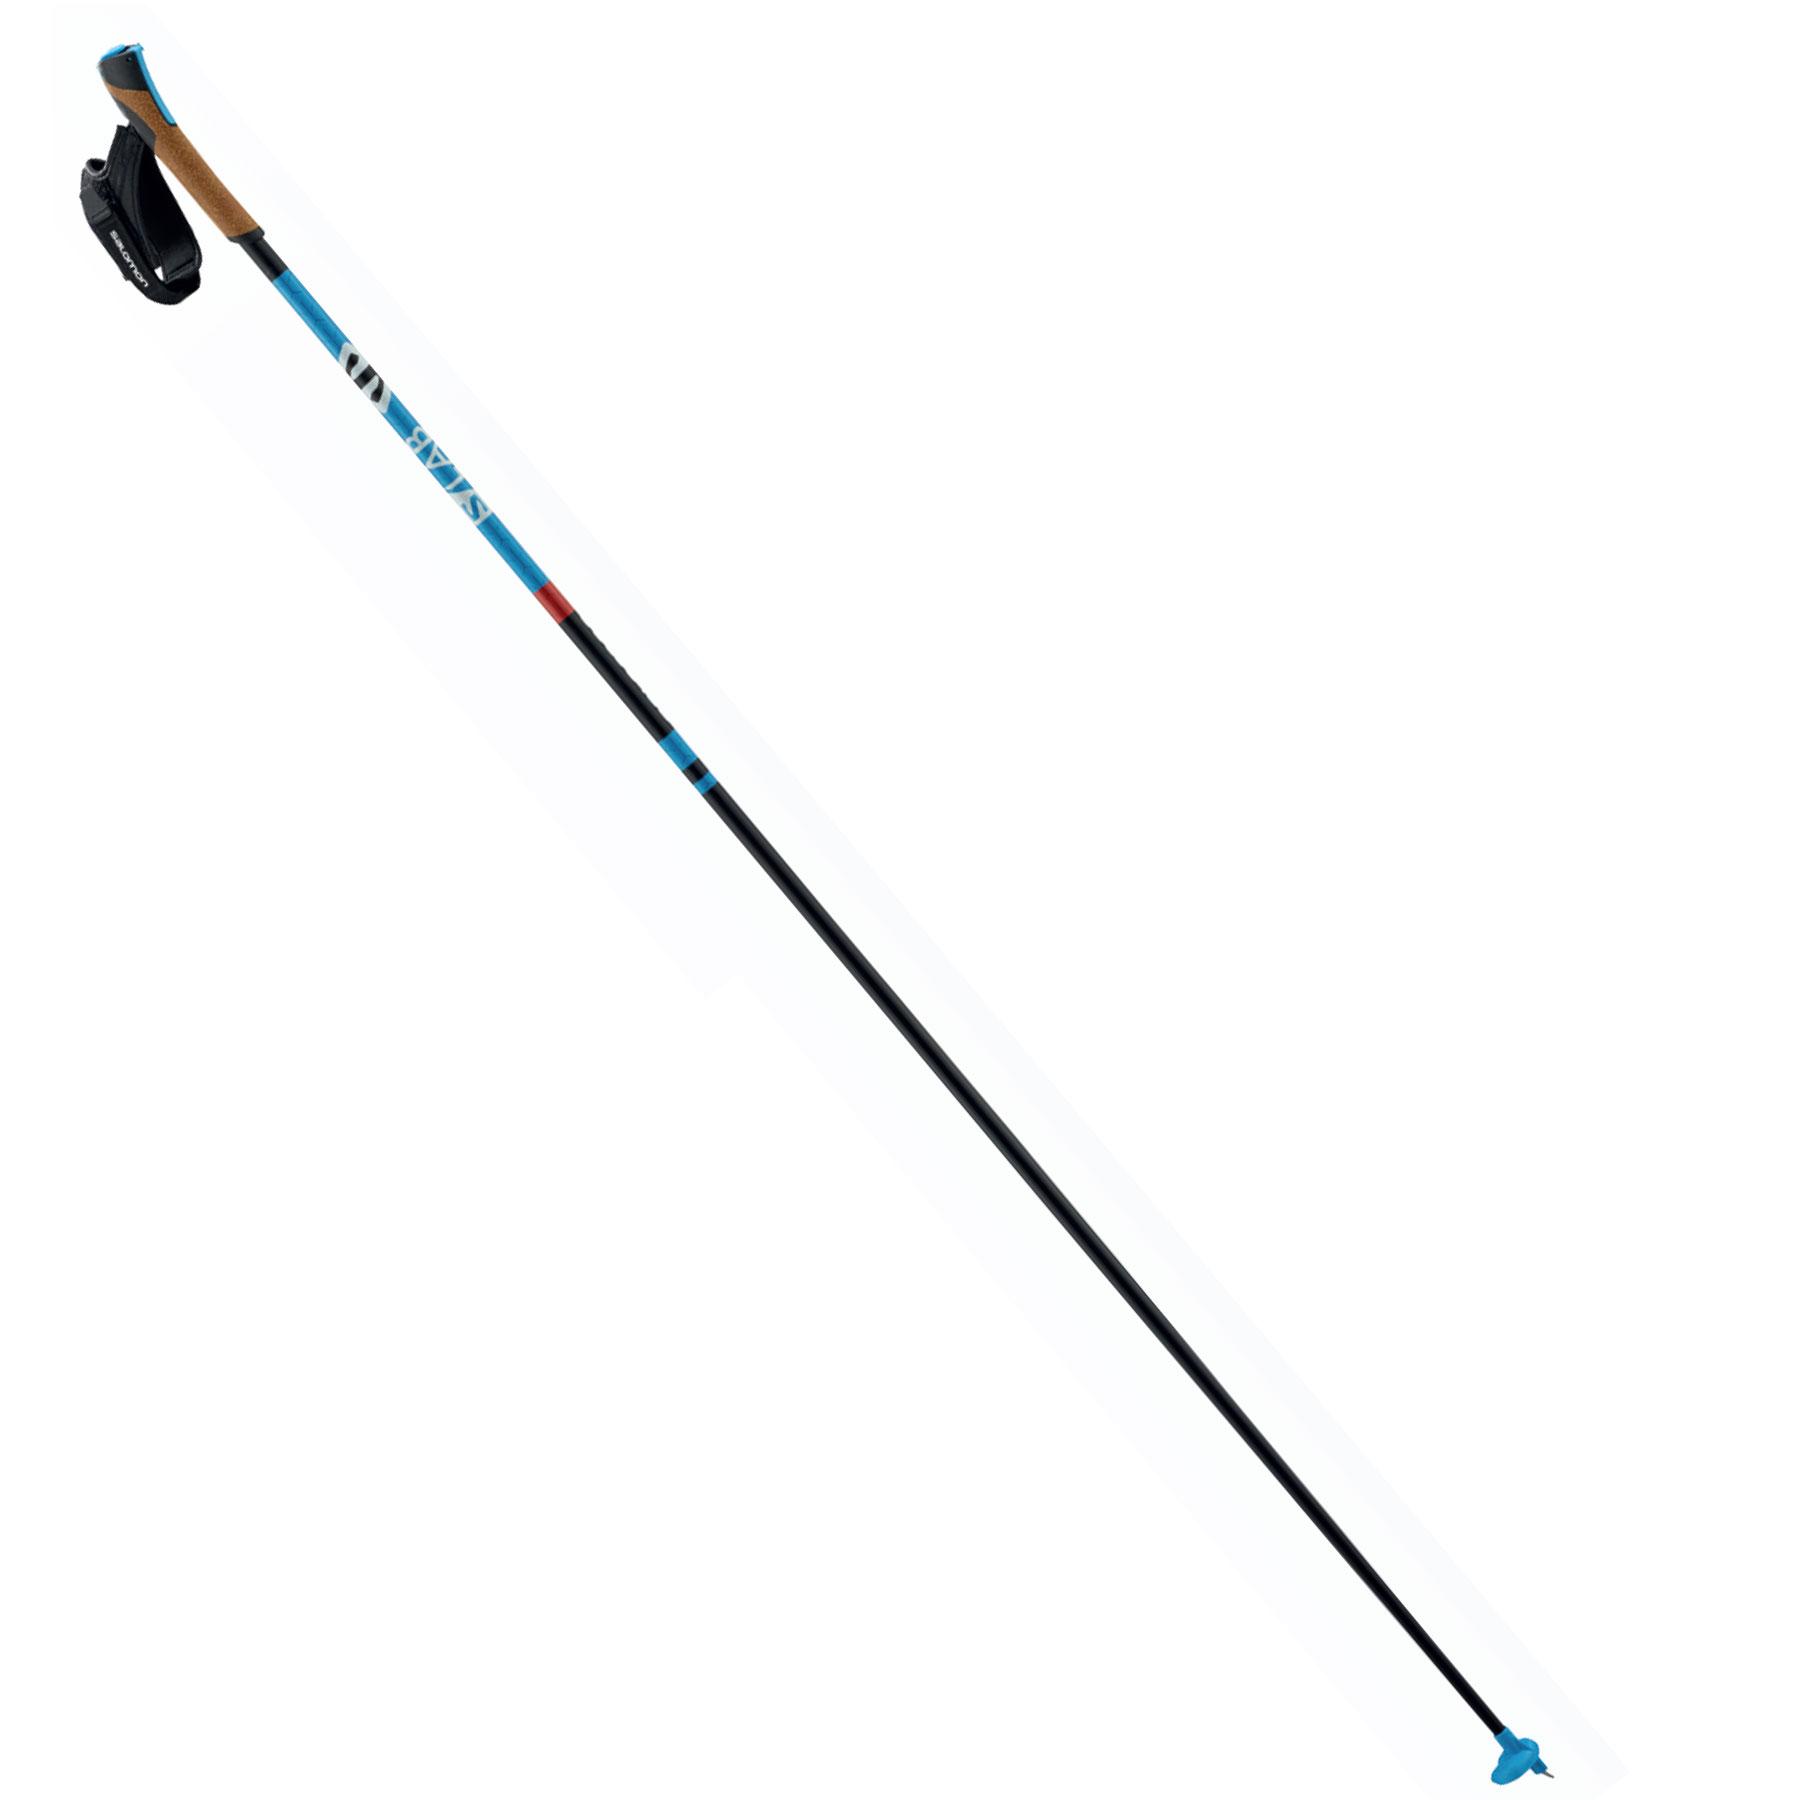 Телескопические лыжные палки Salomon S/lab Carbon Click Kit